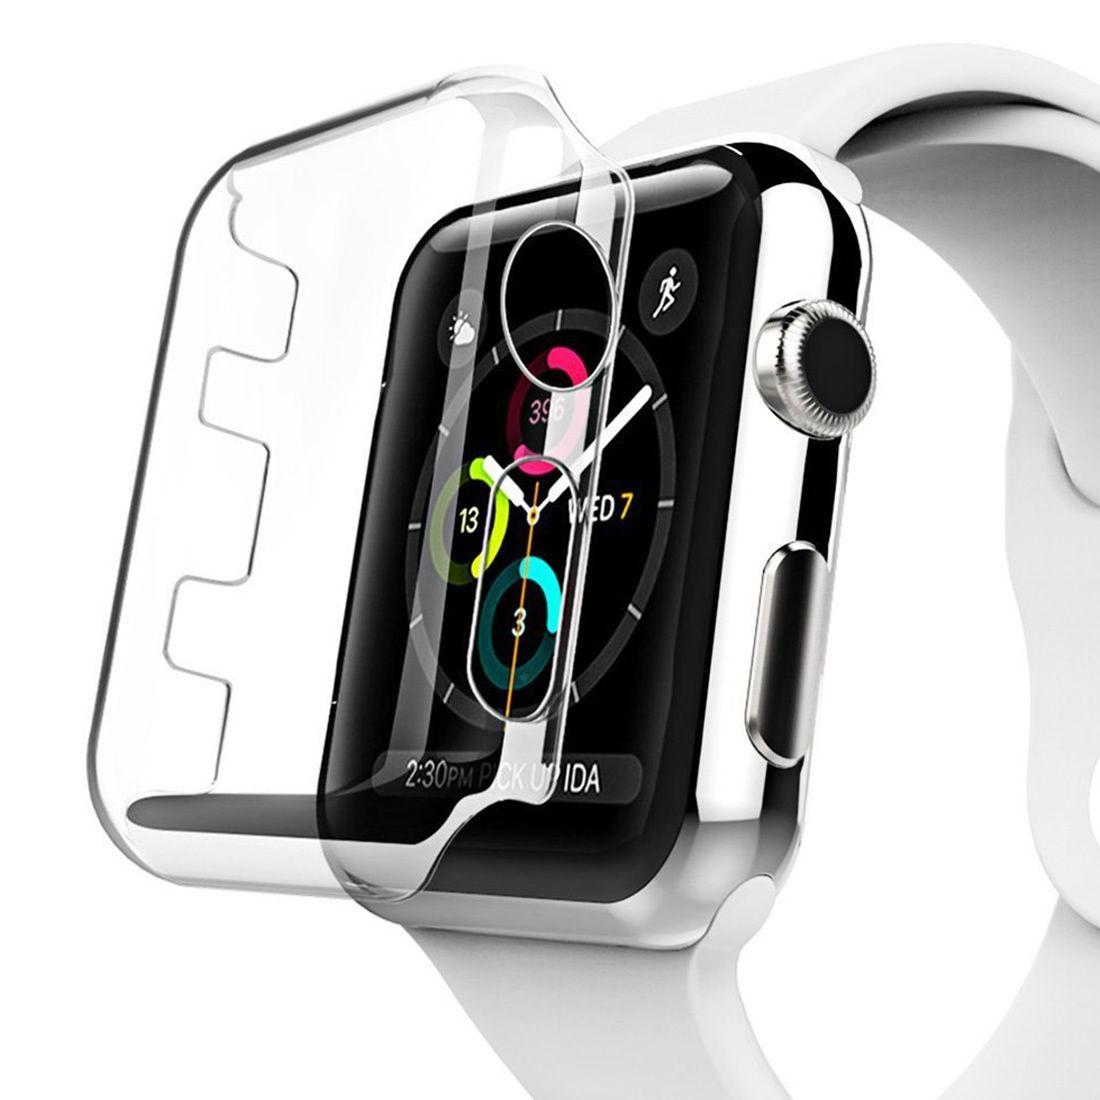 Capa Protetora de Acrílico compatível com Apple Watch 38mm